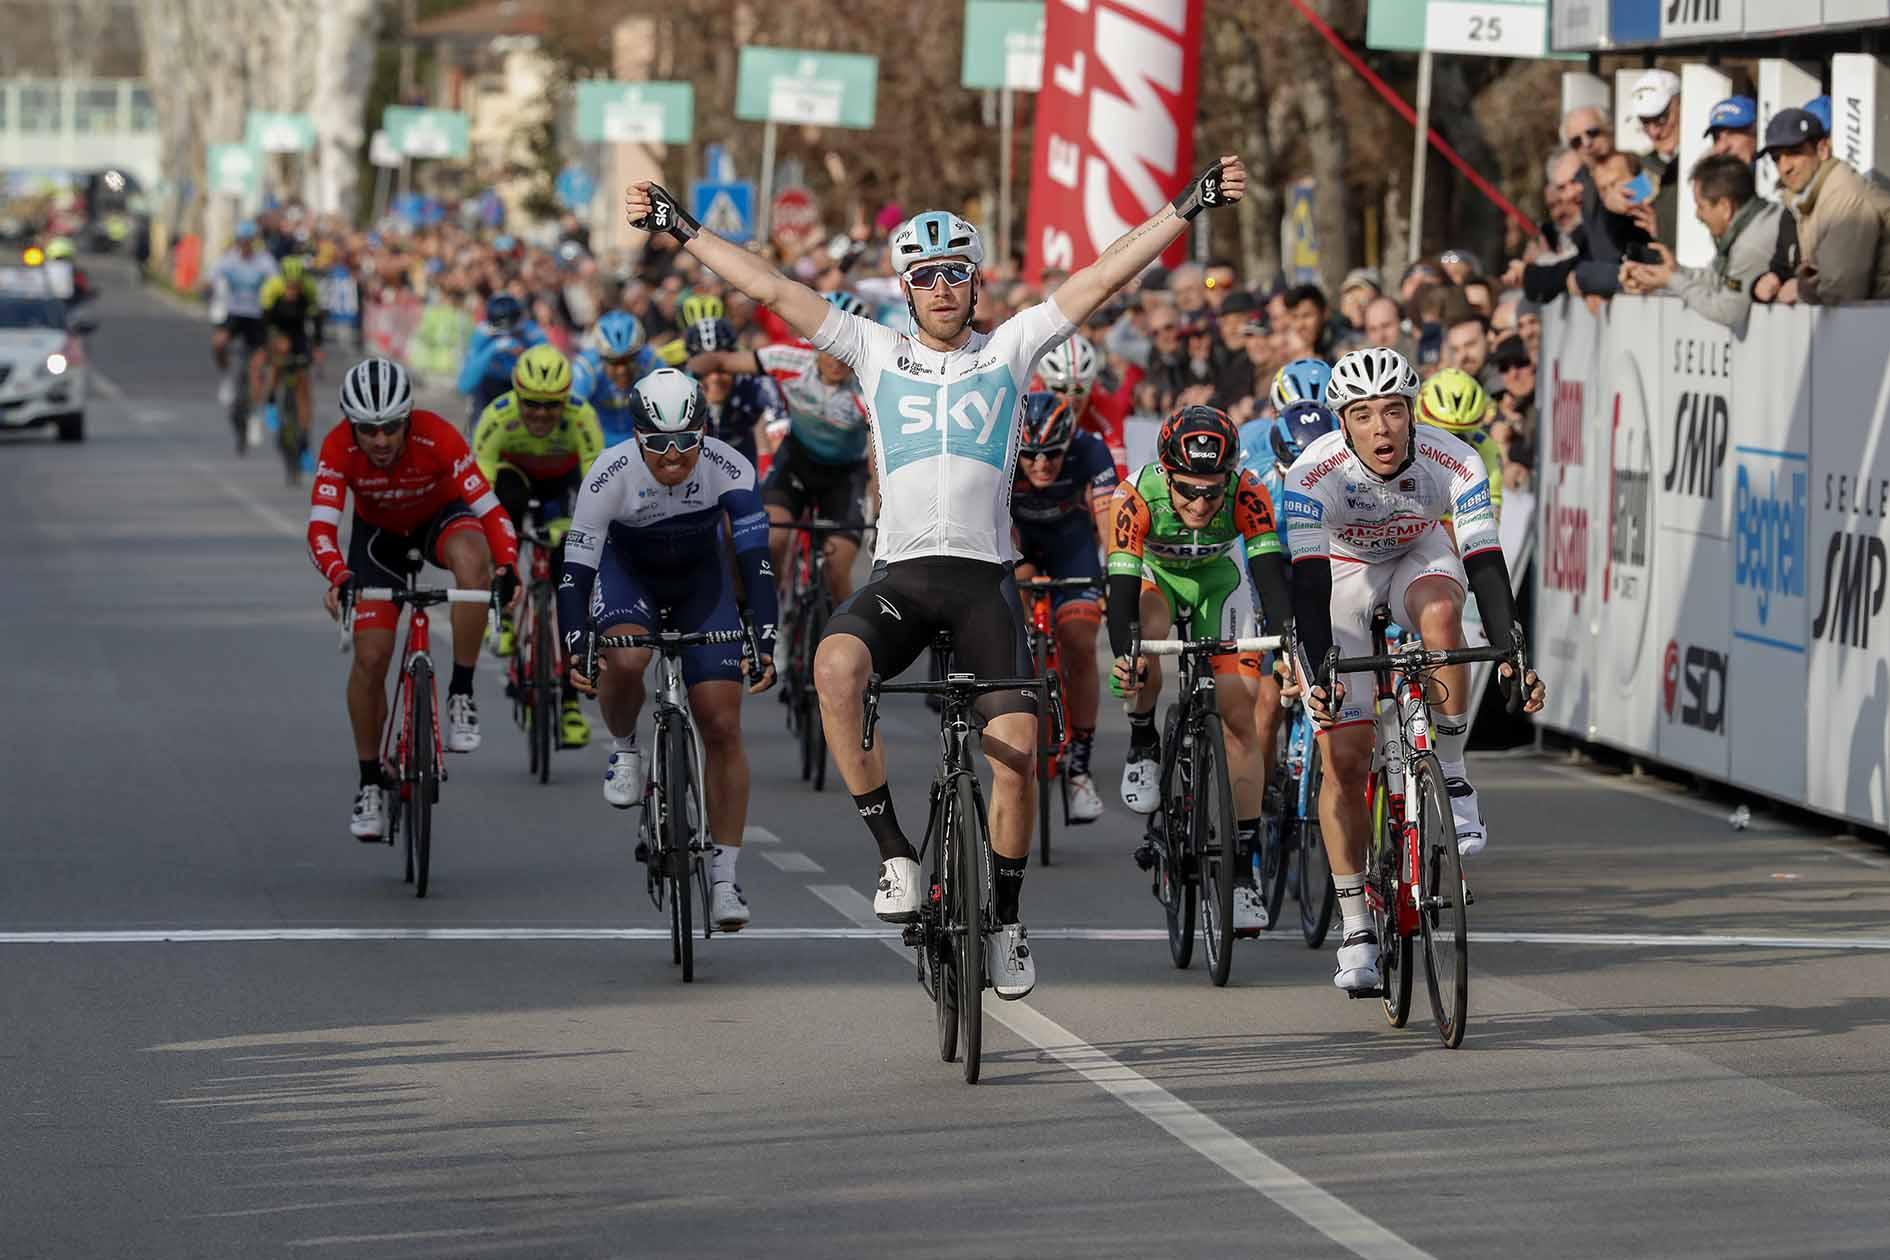 Christopher Lawless vince la terza tappa della Settimana Coppi e Bartali 2018